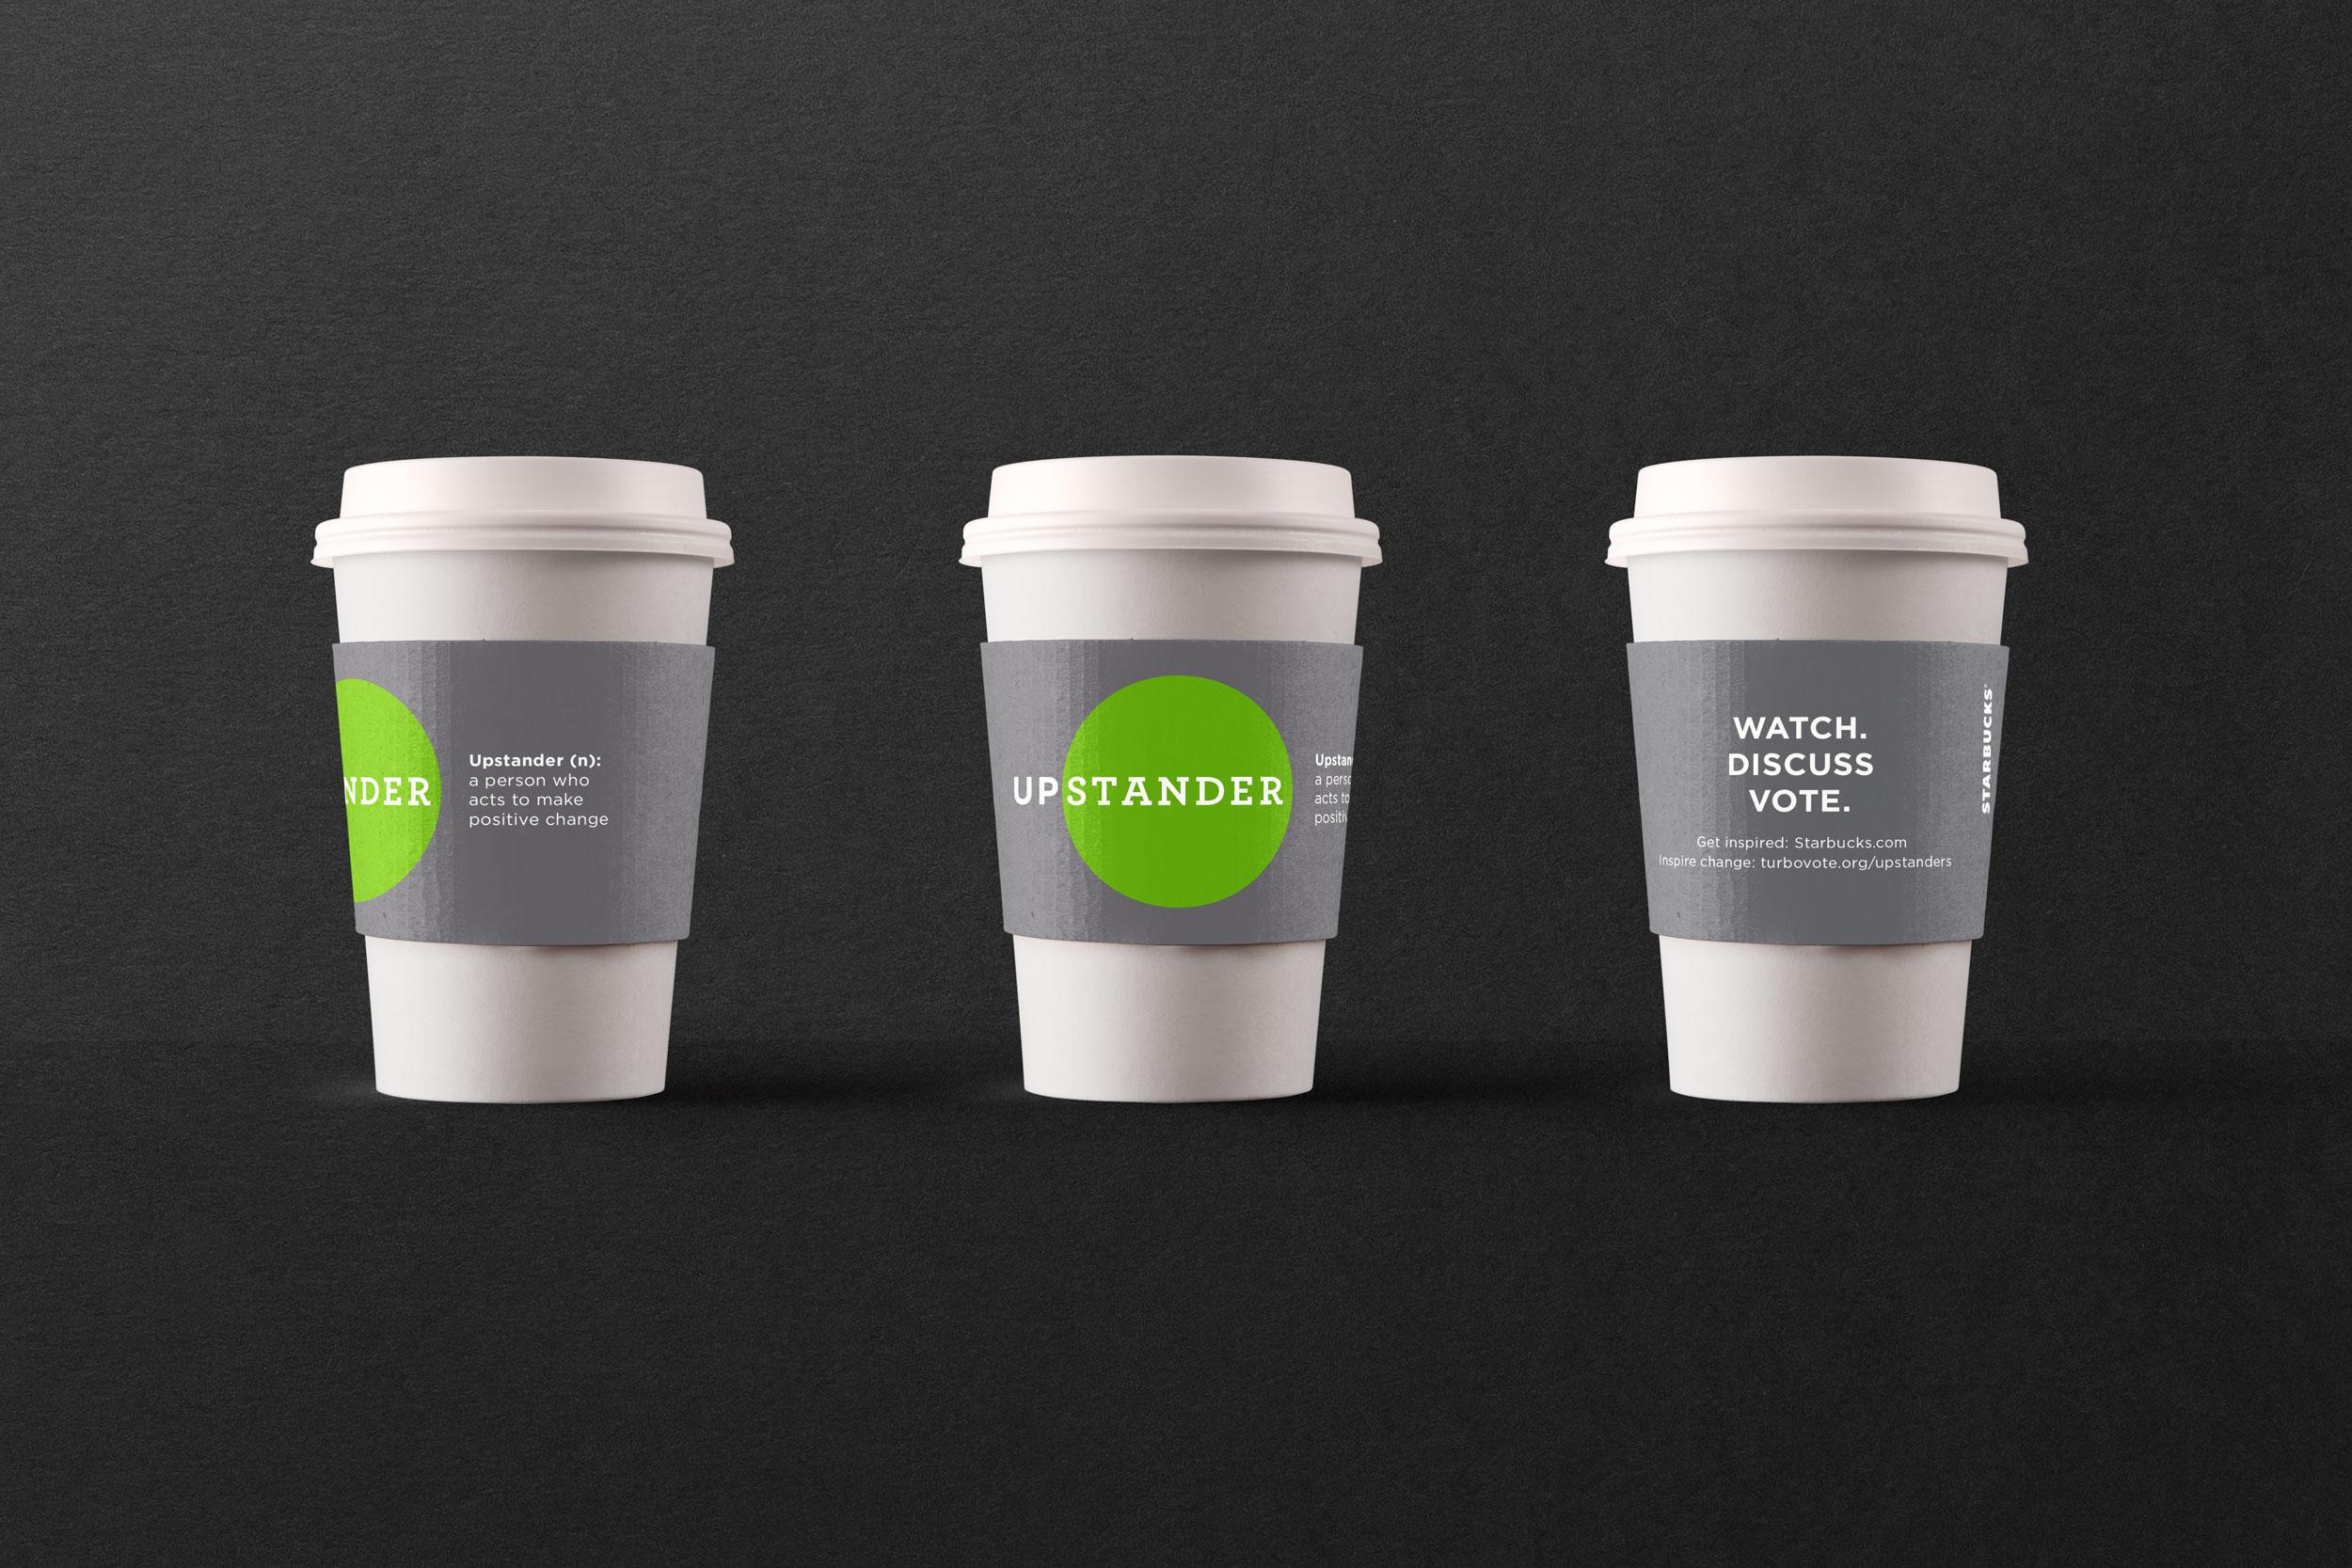 Upstanders-Cup-Sleeve-3-Views.jpg